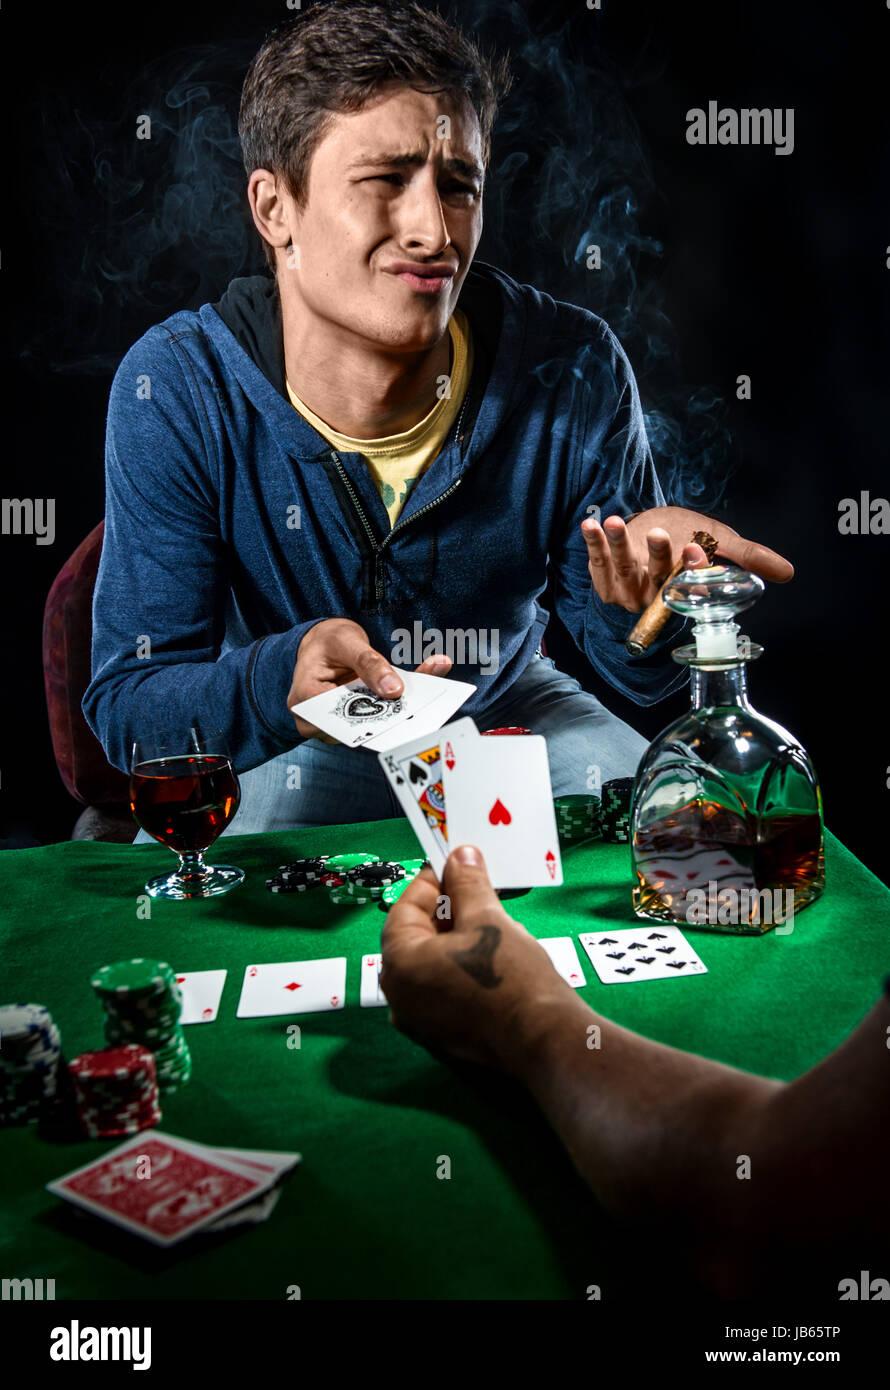 Gambling stock photos free poker games slot machines